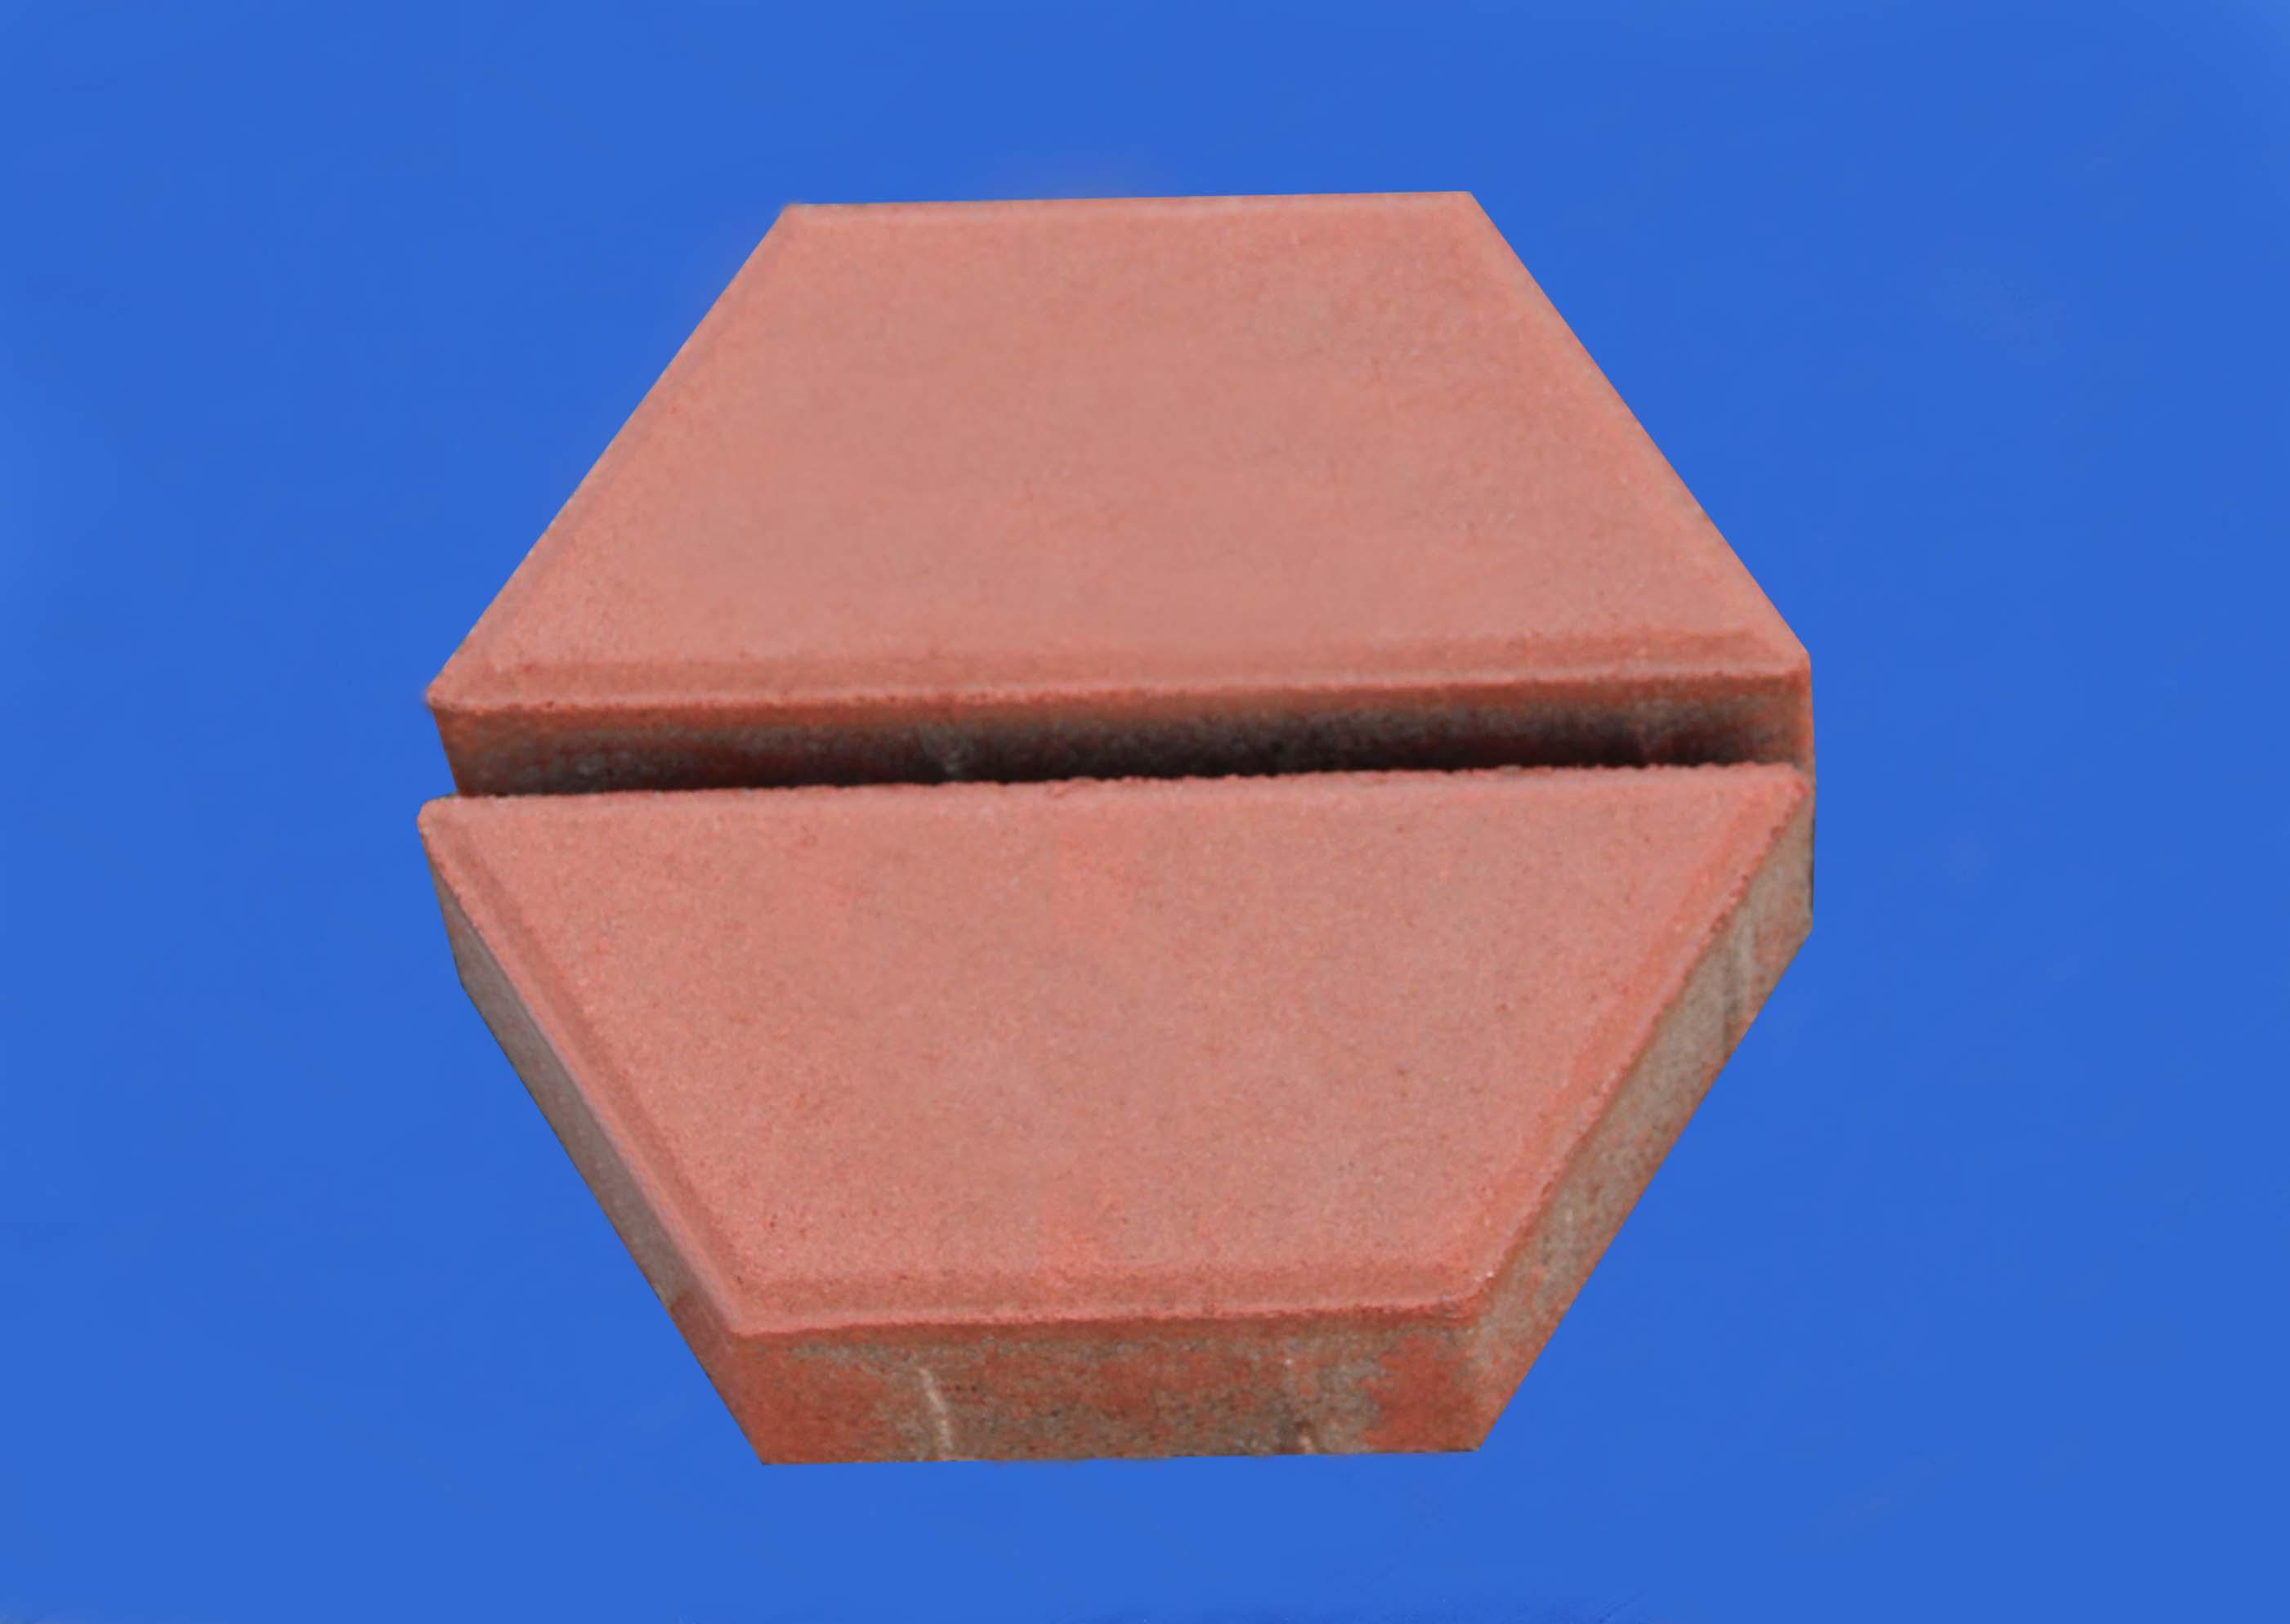 彩色路面磚系列之紅色梯形磚